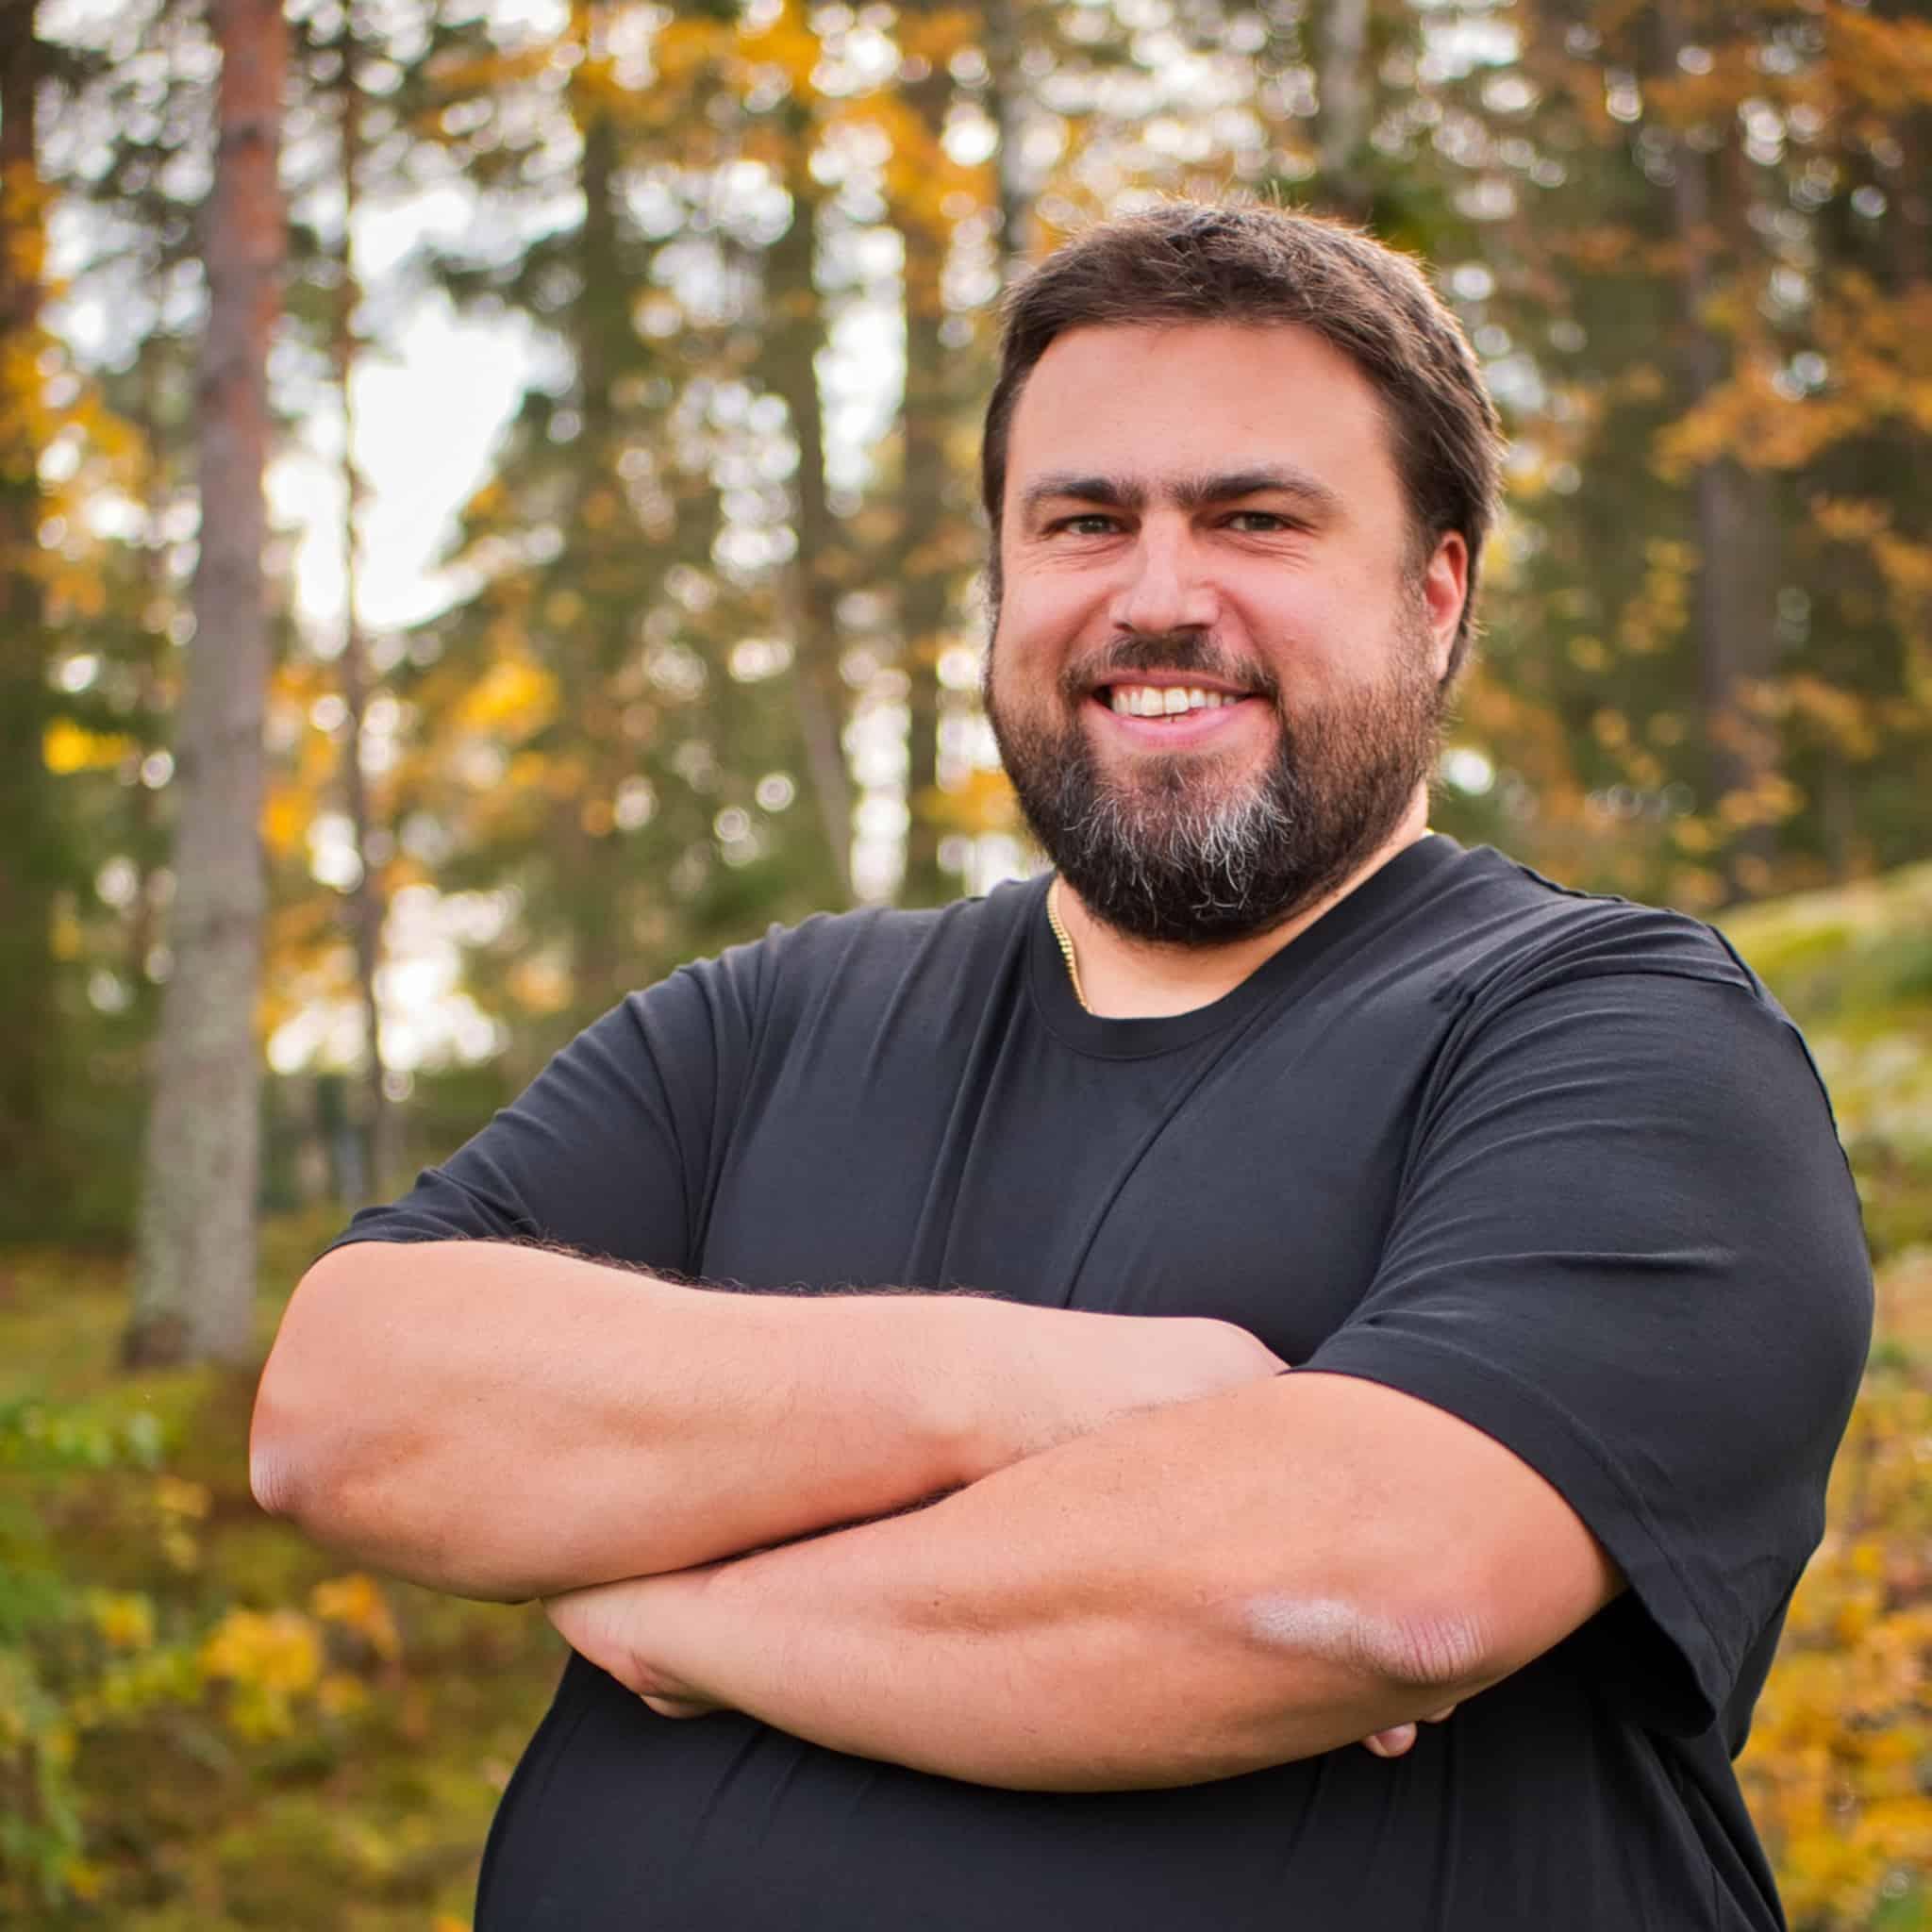 Yleismies Janne Jalonen